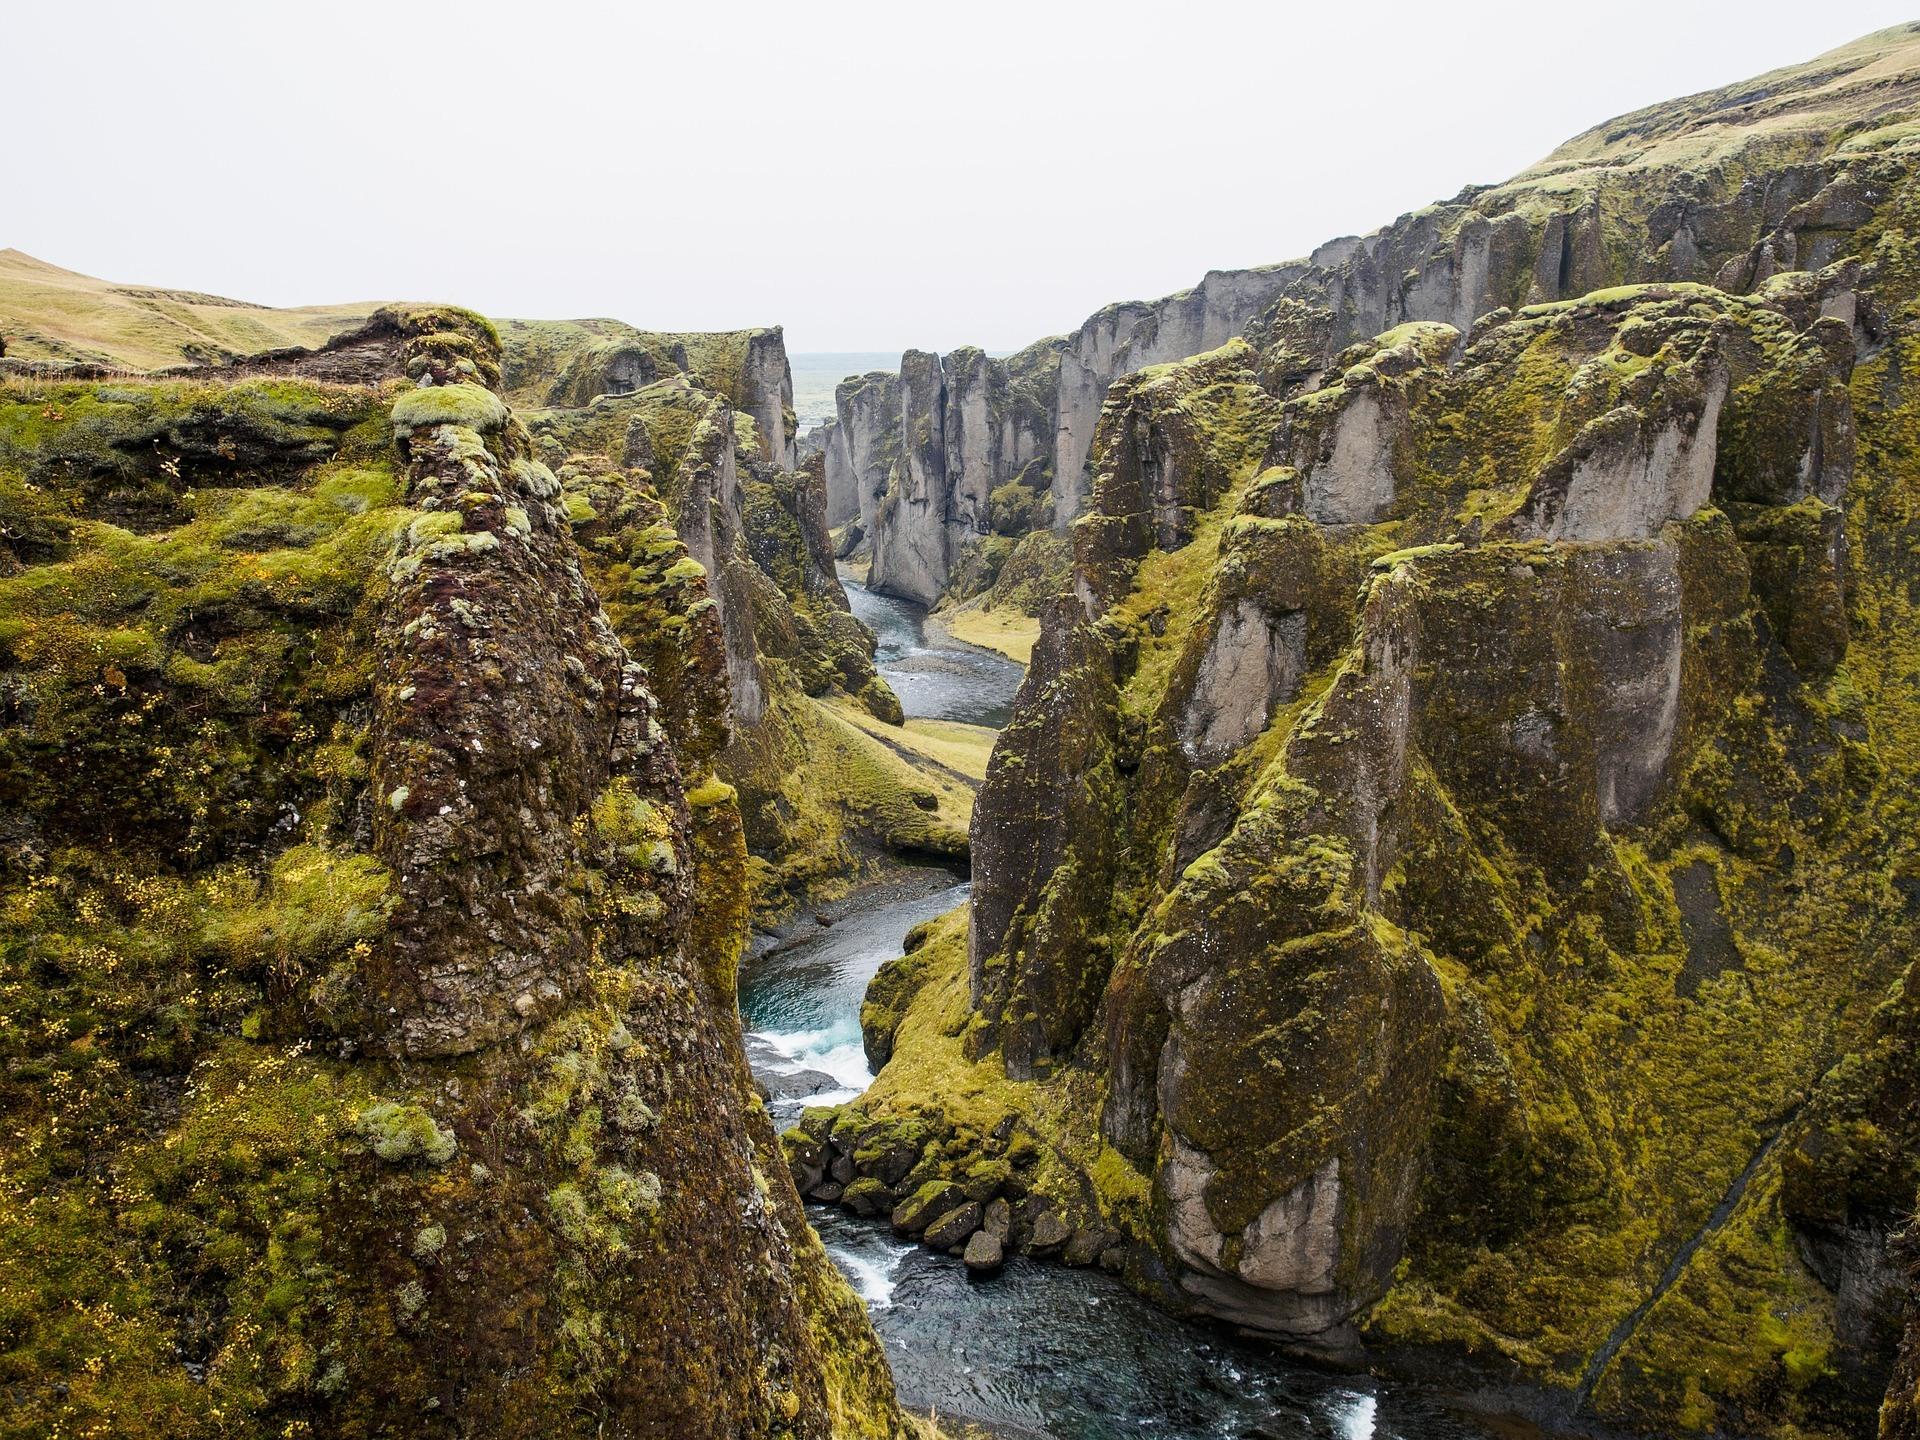 Choisir ses vêtements pour découvrir l'Islande